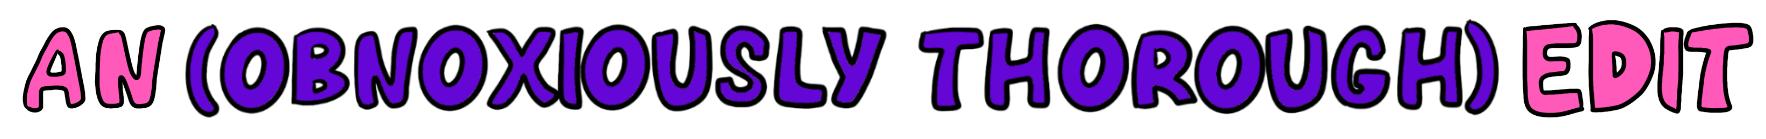 An Edit banner